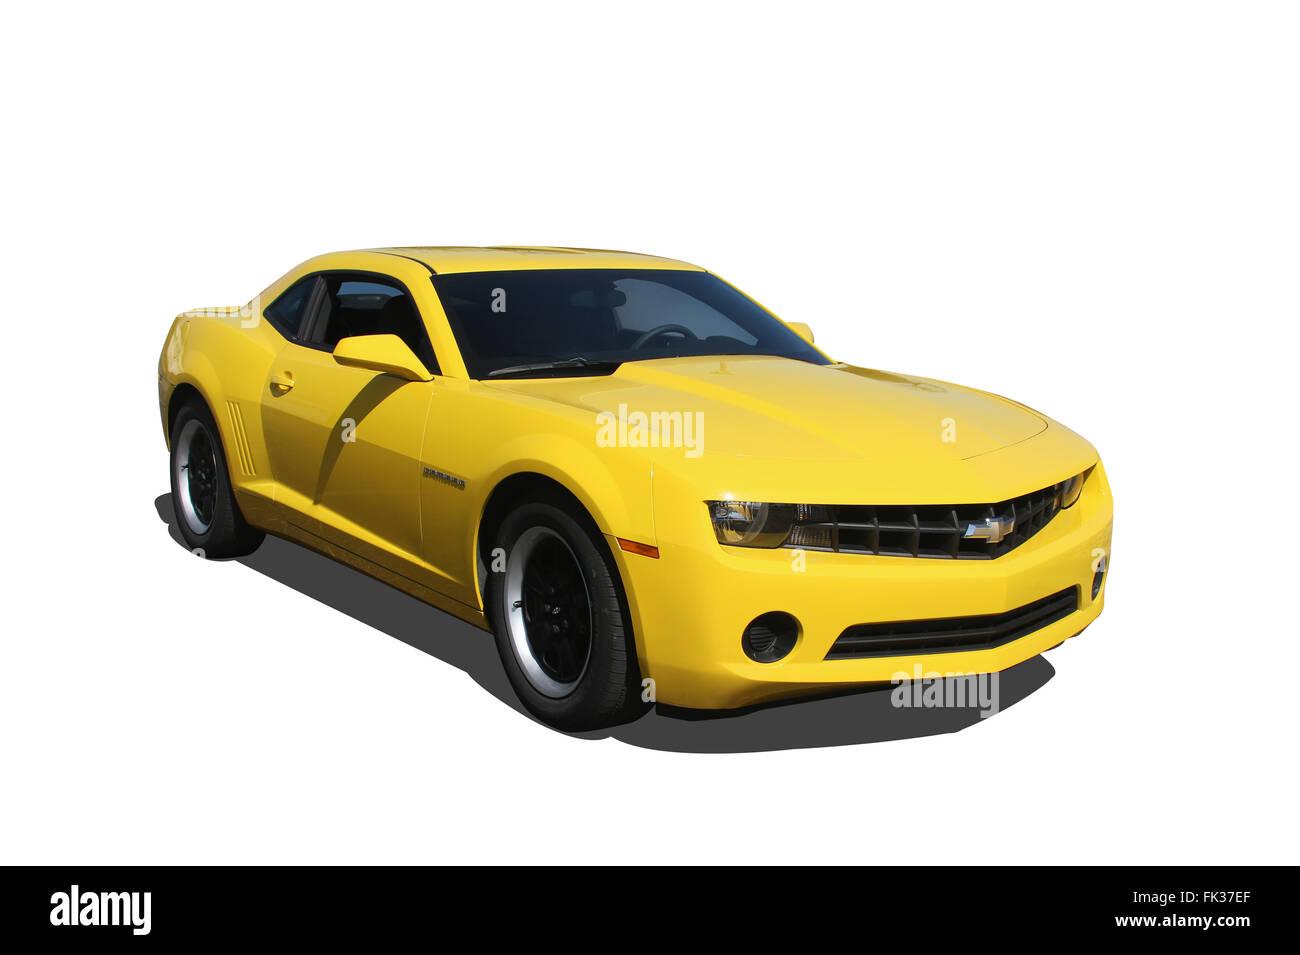 Auto- 2012 Chevrolet Camaro. Yellow. Dayton, Ohio, USA. - Stock Image